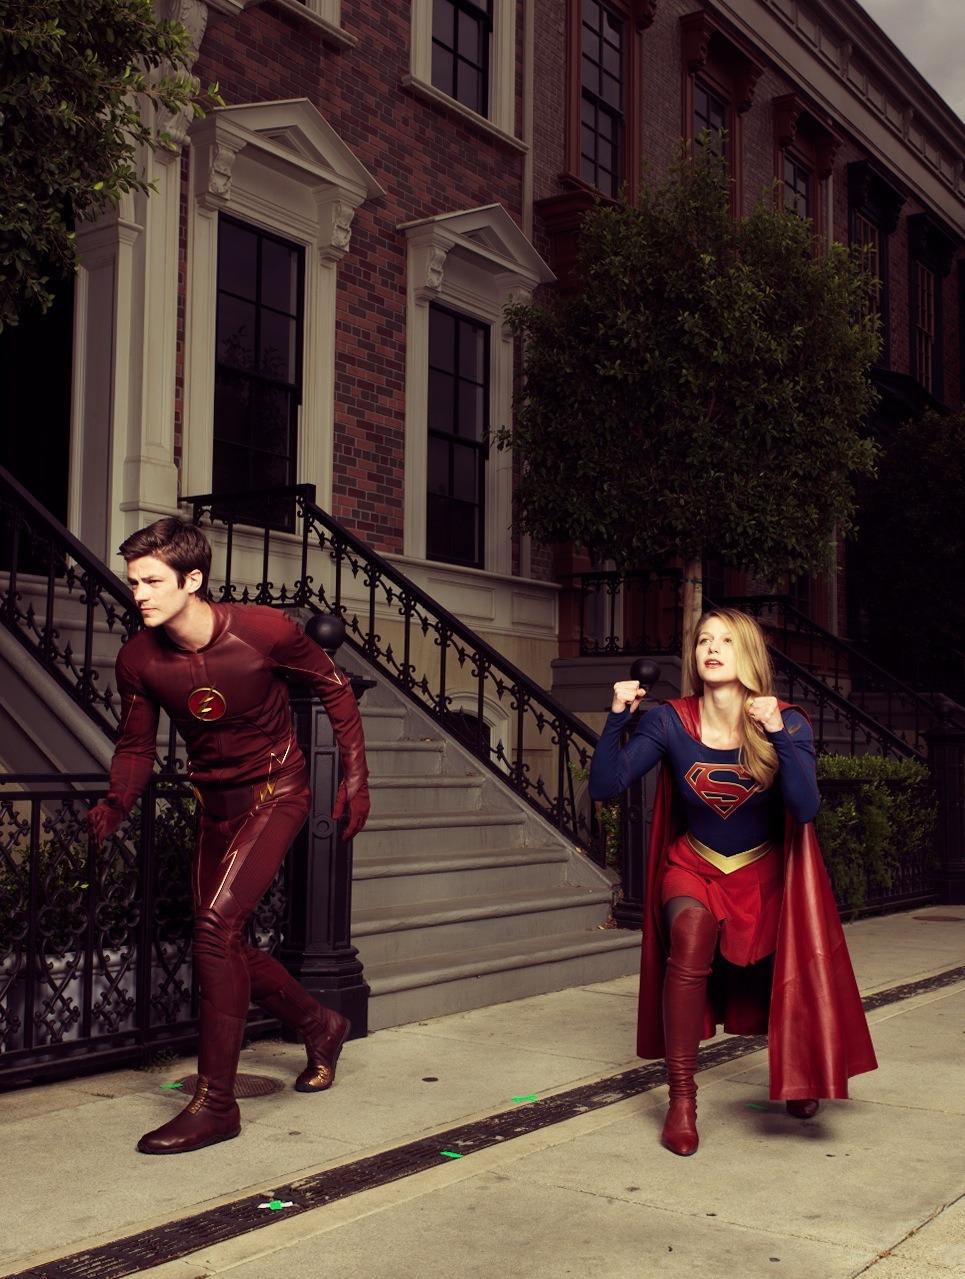 [TV] Supergirl - Irmã da Lois escolhida! - Página 8 Tumblr_nog9qyCXCc1susnhzo2_1280